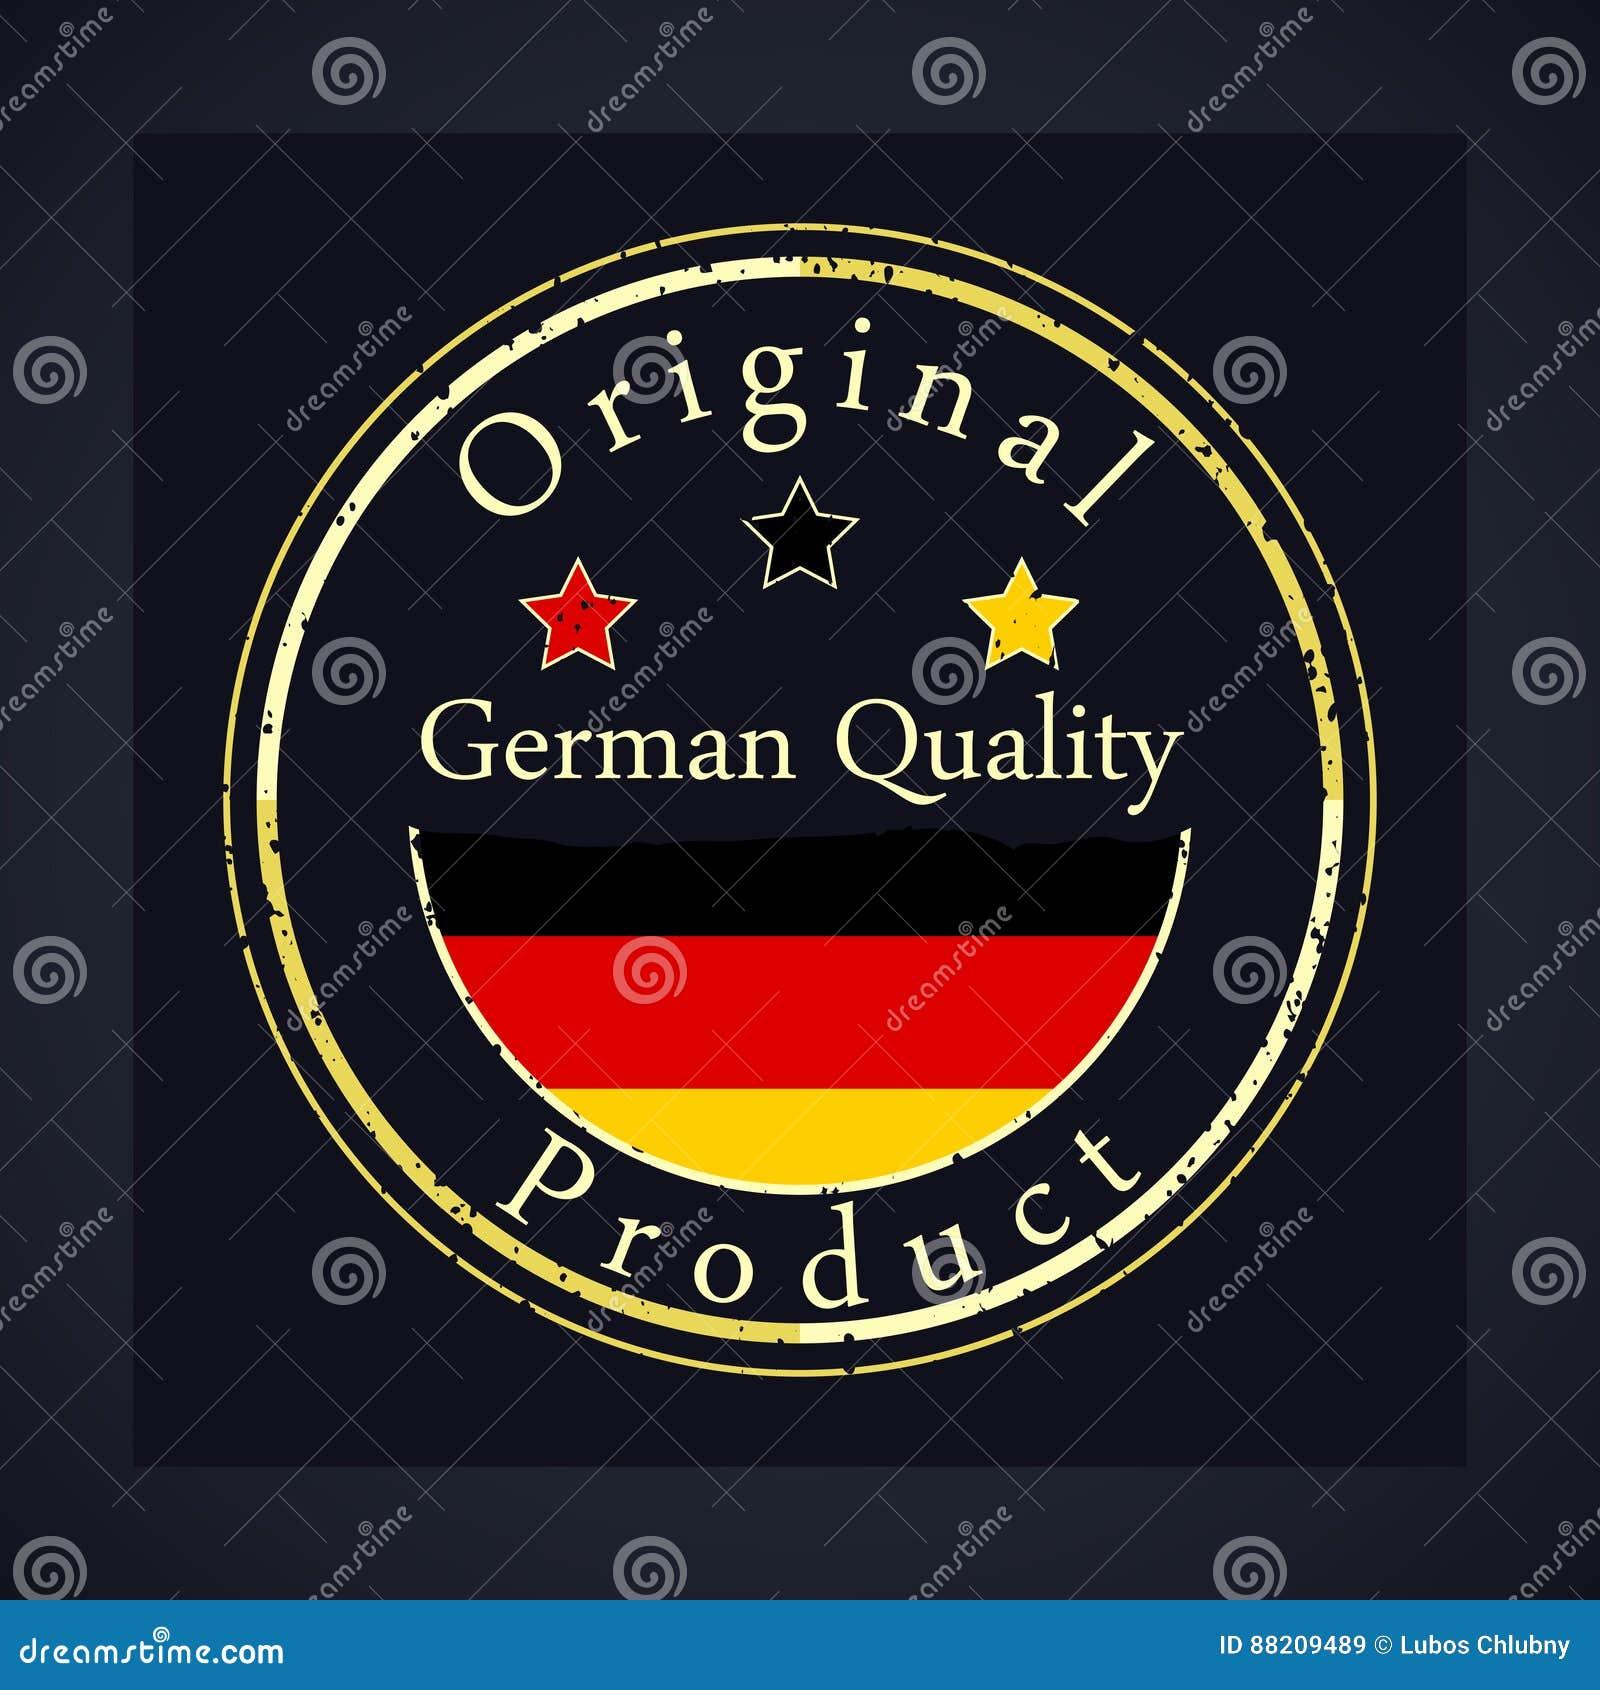 Selo do grunge do ouro com a qualidade alemão do texto e o produto original